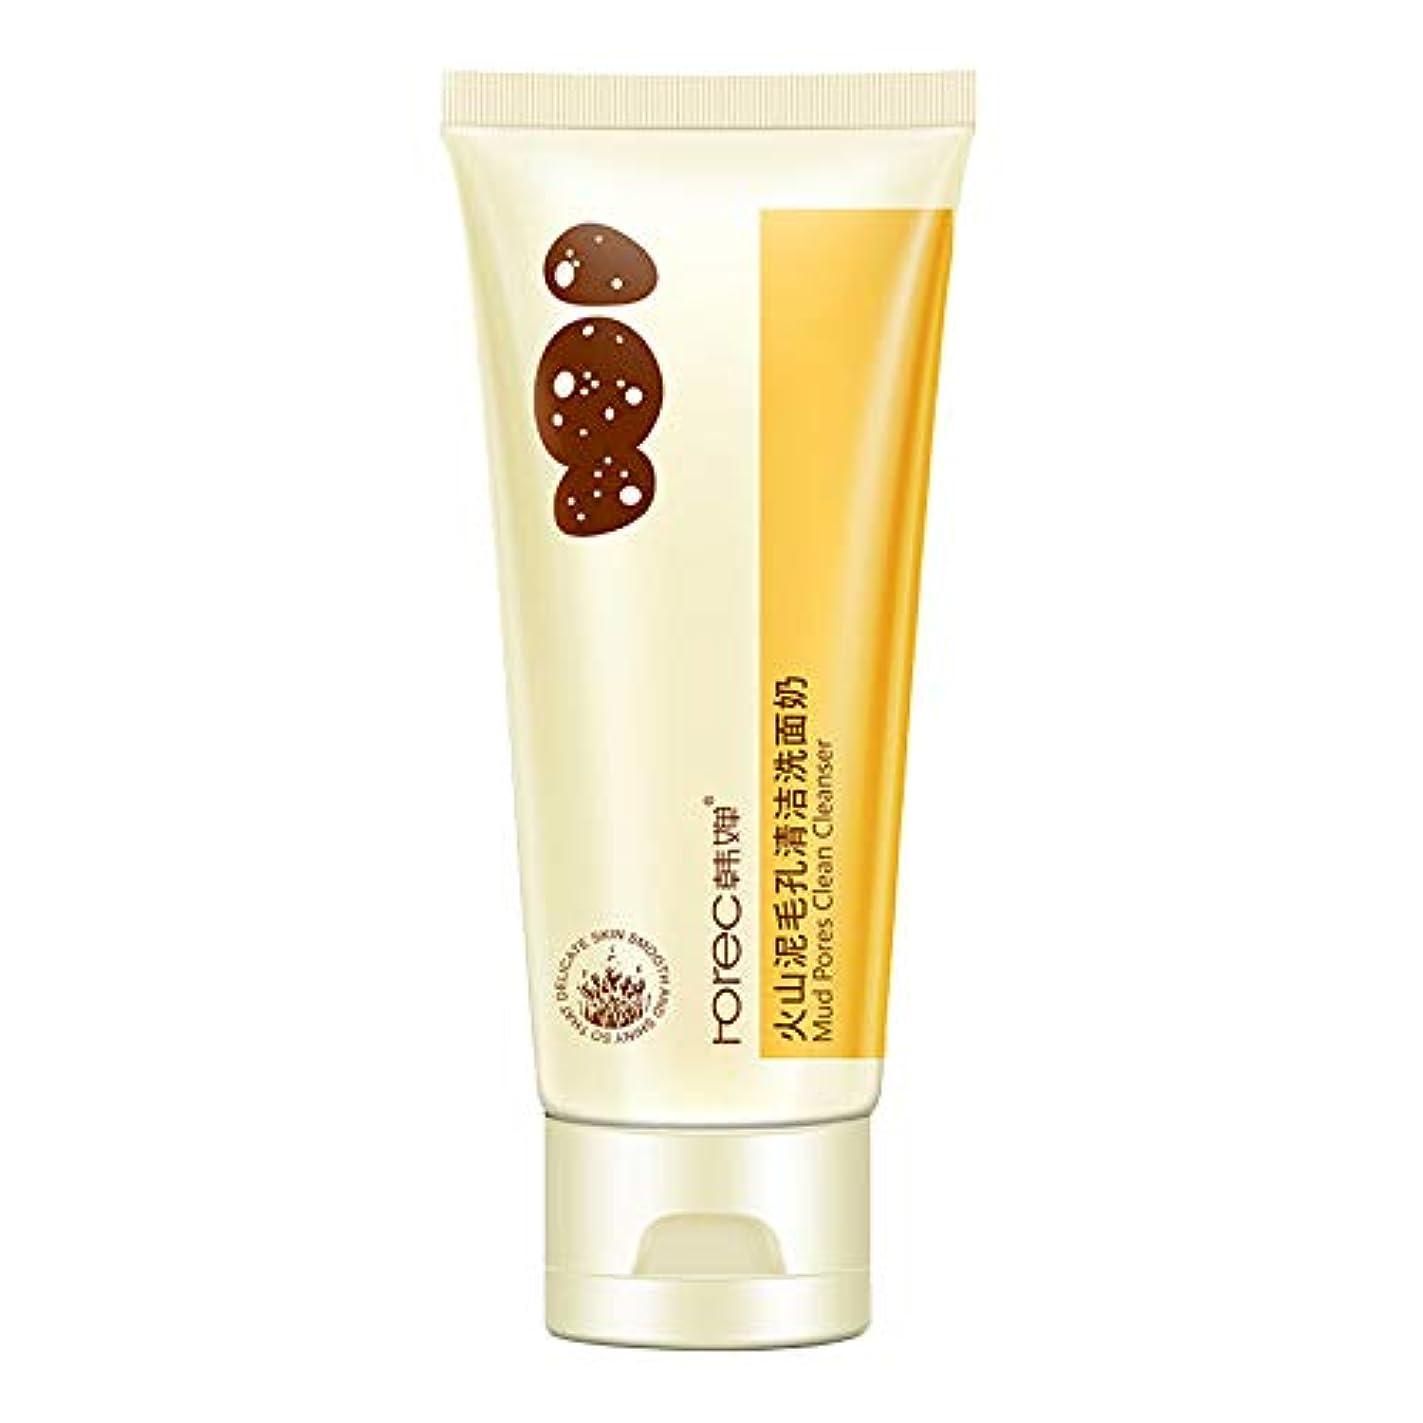 入植者コーラストーナメントAkane Rorec 顔洗い 深層 清潔 綺麗に 保湿 浄化 角質除去 クレンジング オイルコントロール 火山泥 使いやすい 洗顔料 アロエクリーム NO.HC4328